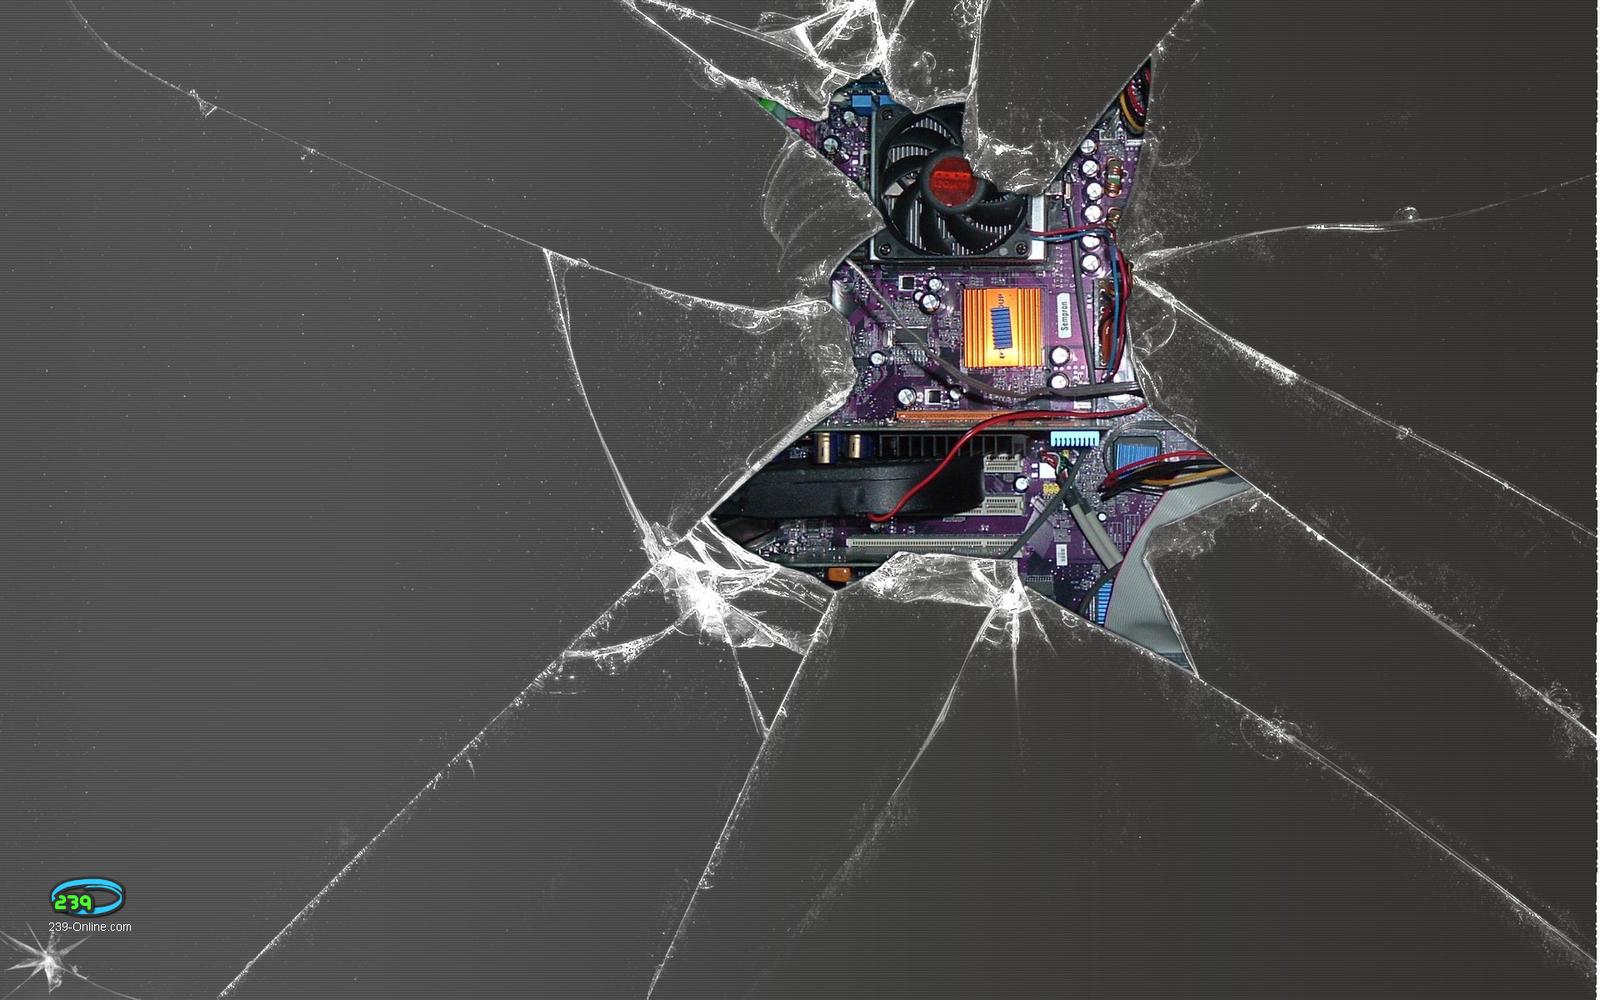 3д Обои Разбитого Экрана